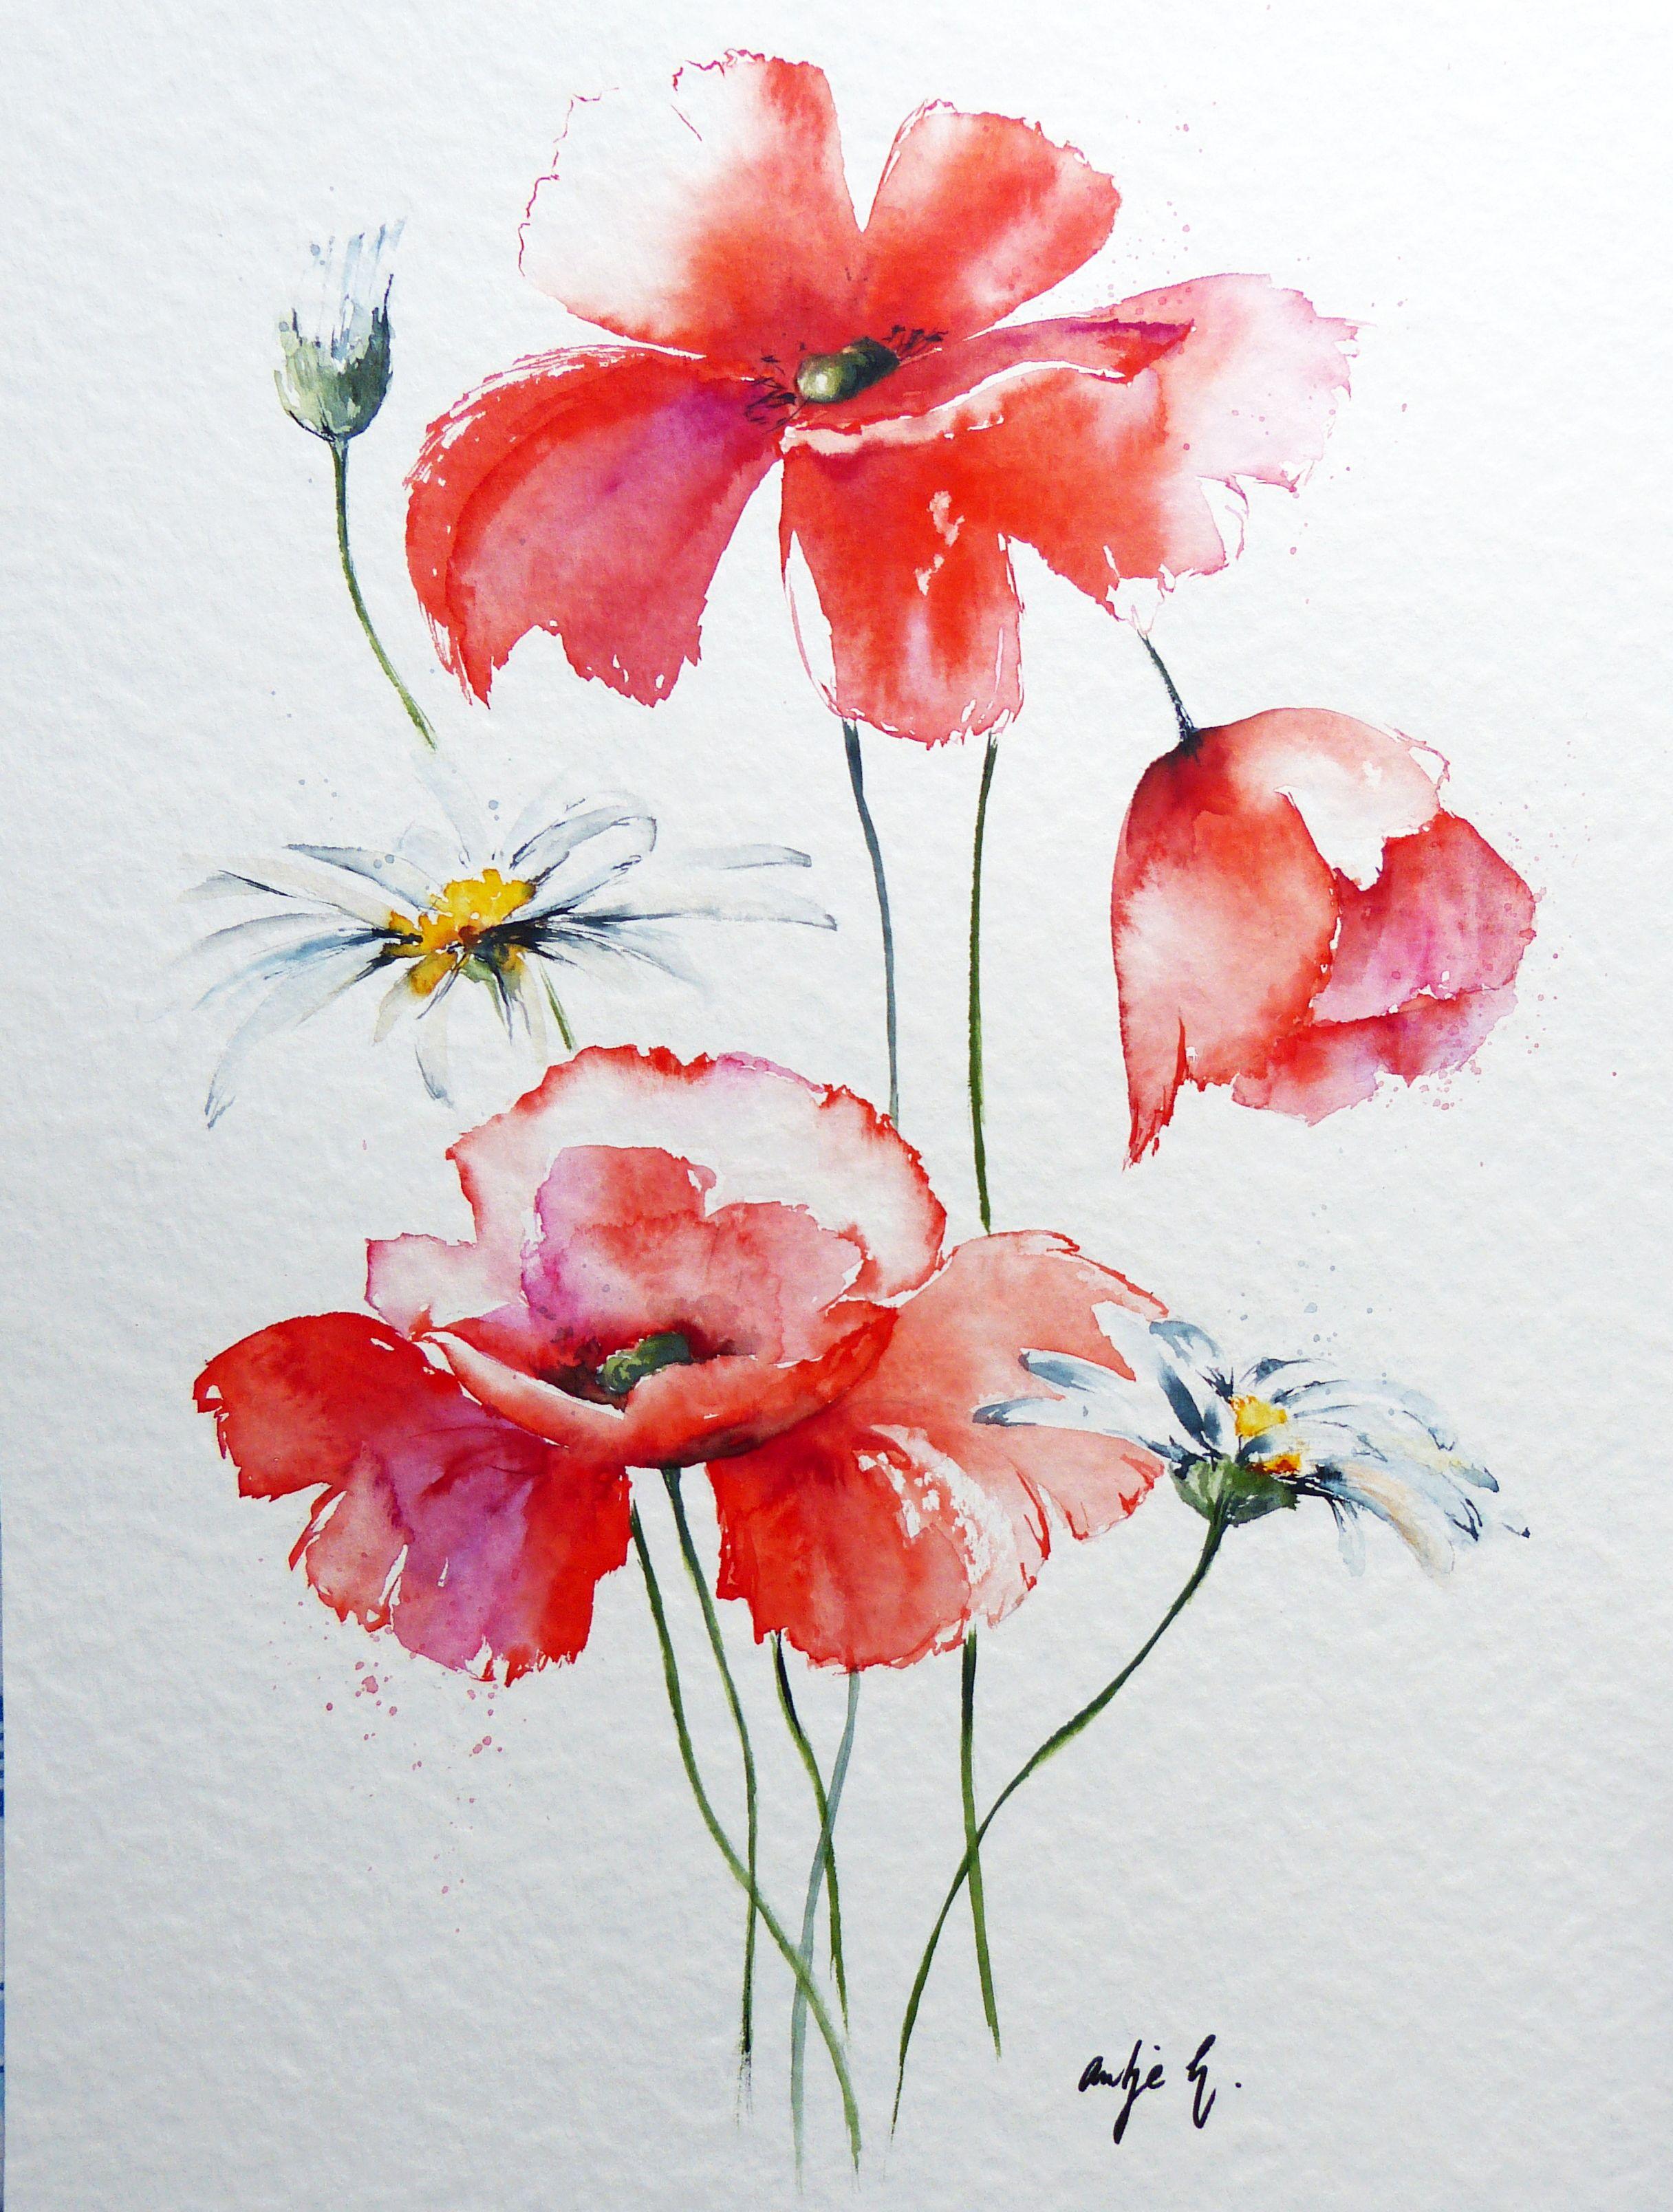 Mohn Margeriten Watercolor 30x40 Antje Hettner Aquarell Watercolor Kunst Malerei Blumen Original Flower Aquarell Mohnblumen Blumen Aquarell Aquarell Blumen